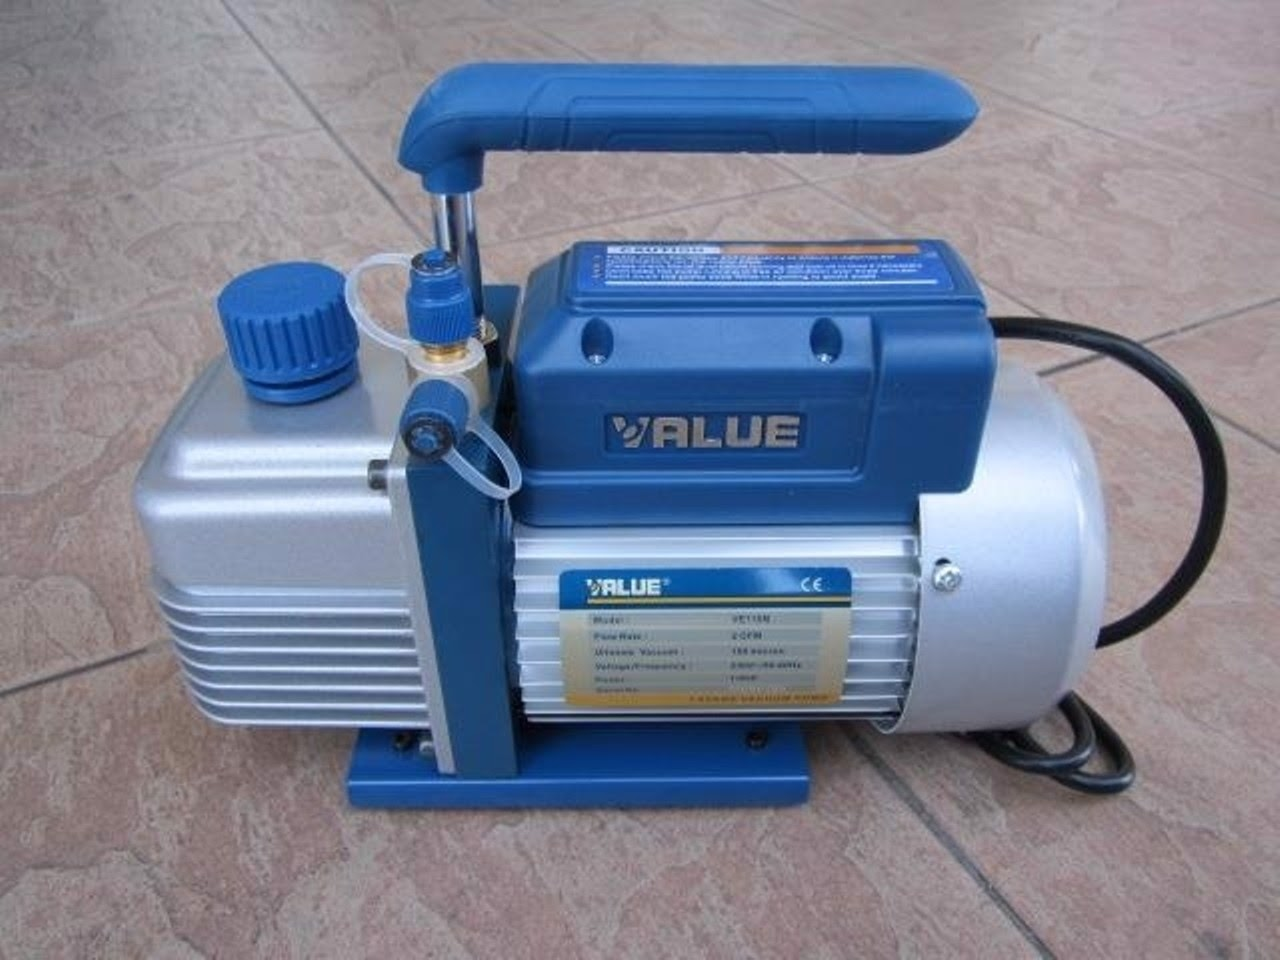 Máy bơm hút chân không Value VE115N